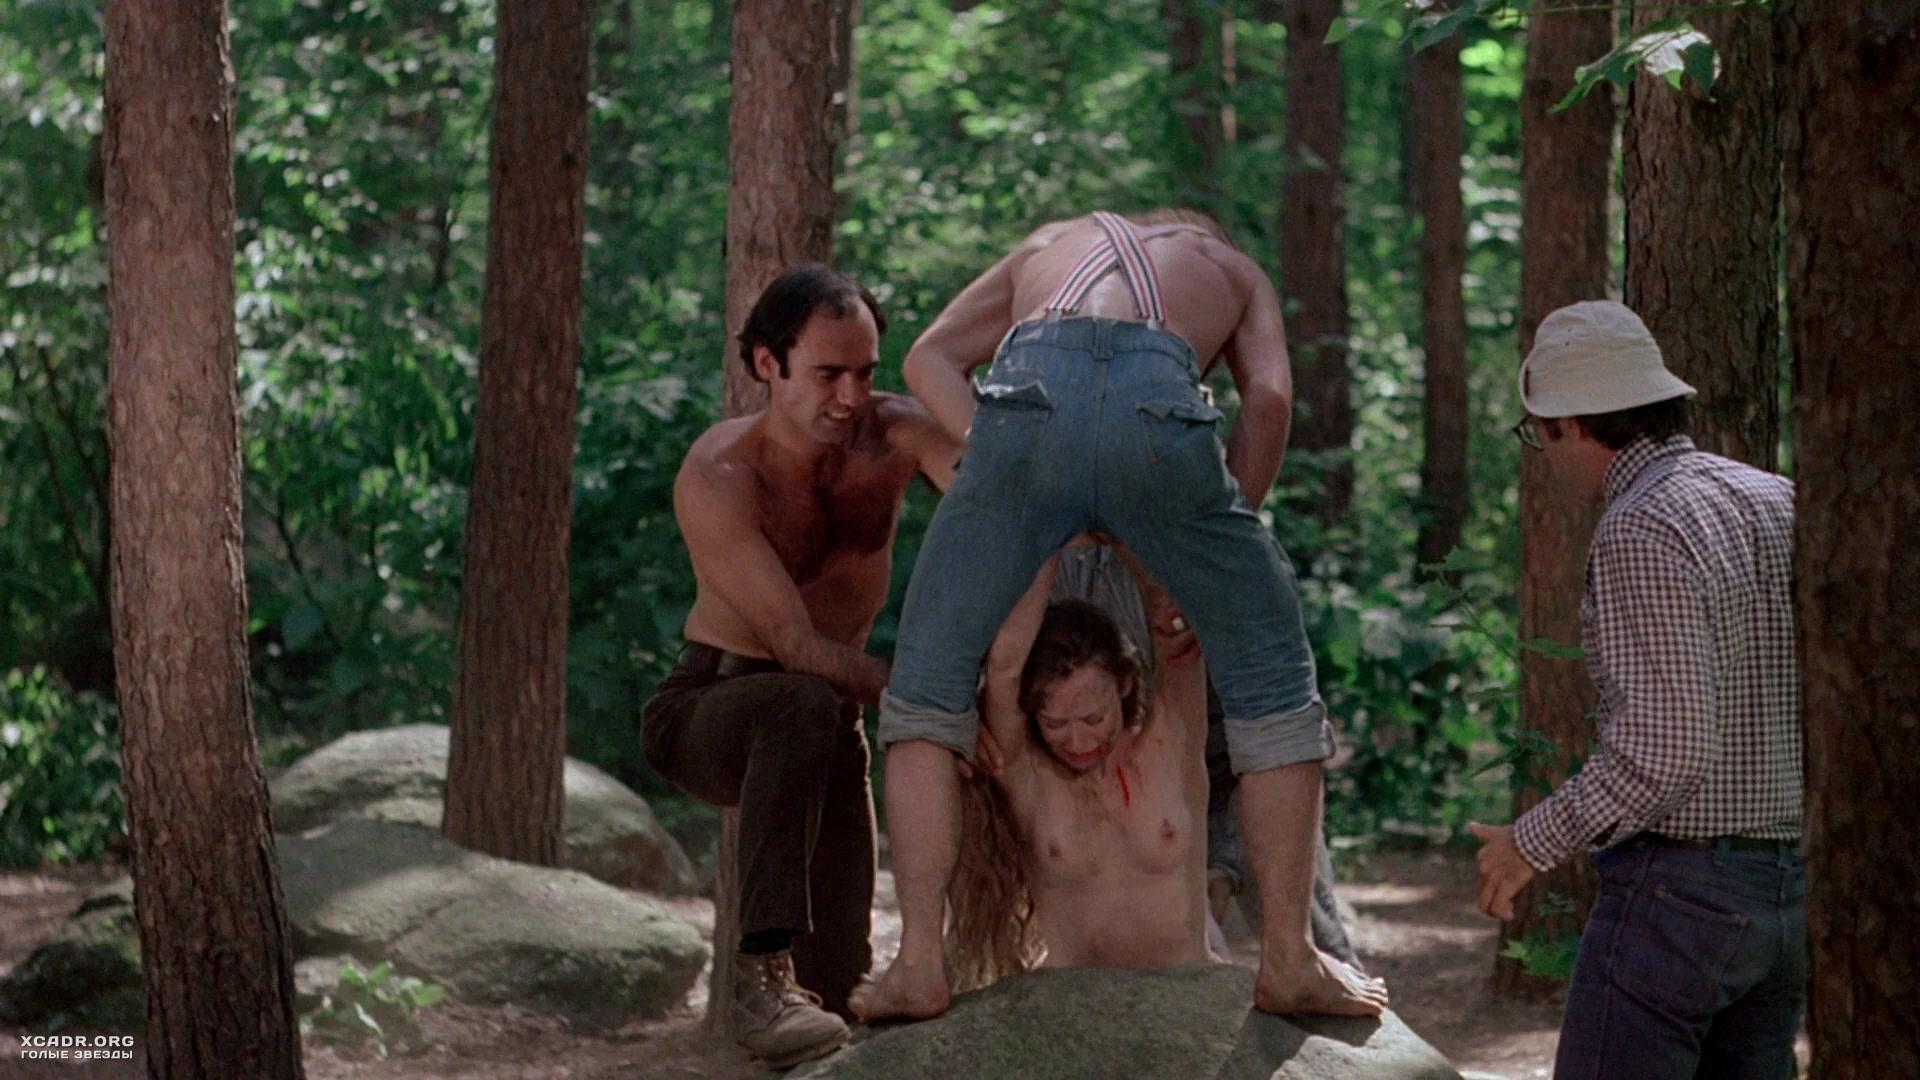 ребята разъясняли, мужики старые зажгли в лесу вскармливание уникальный механизм